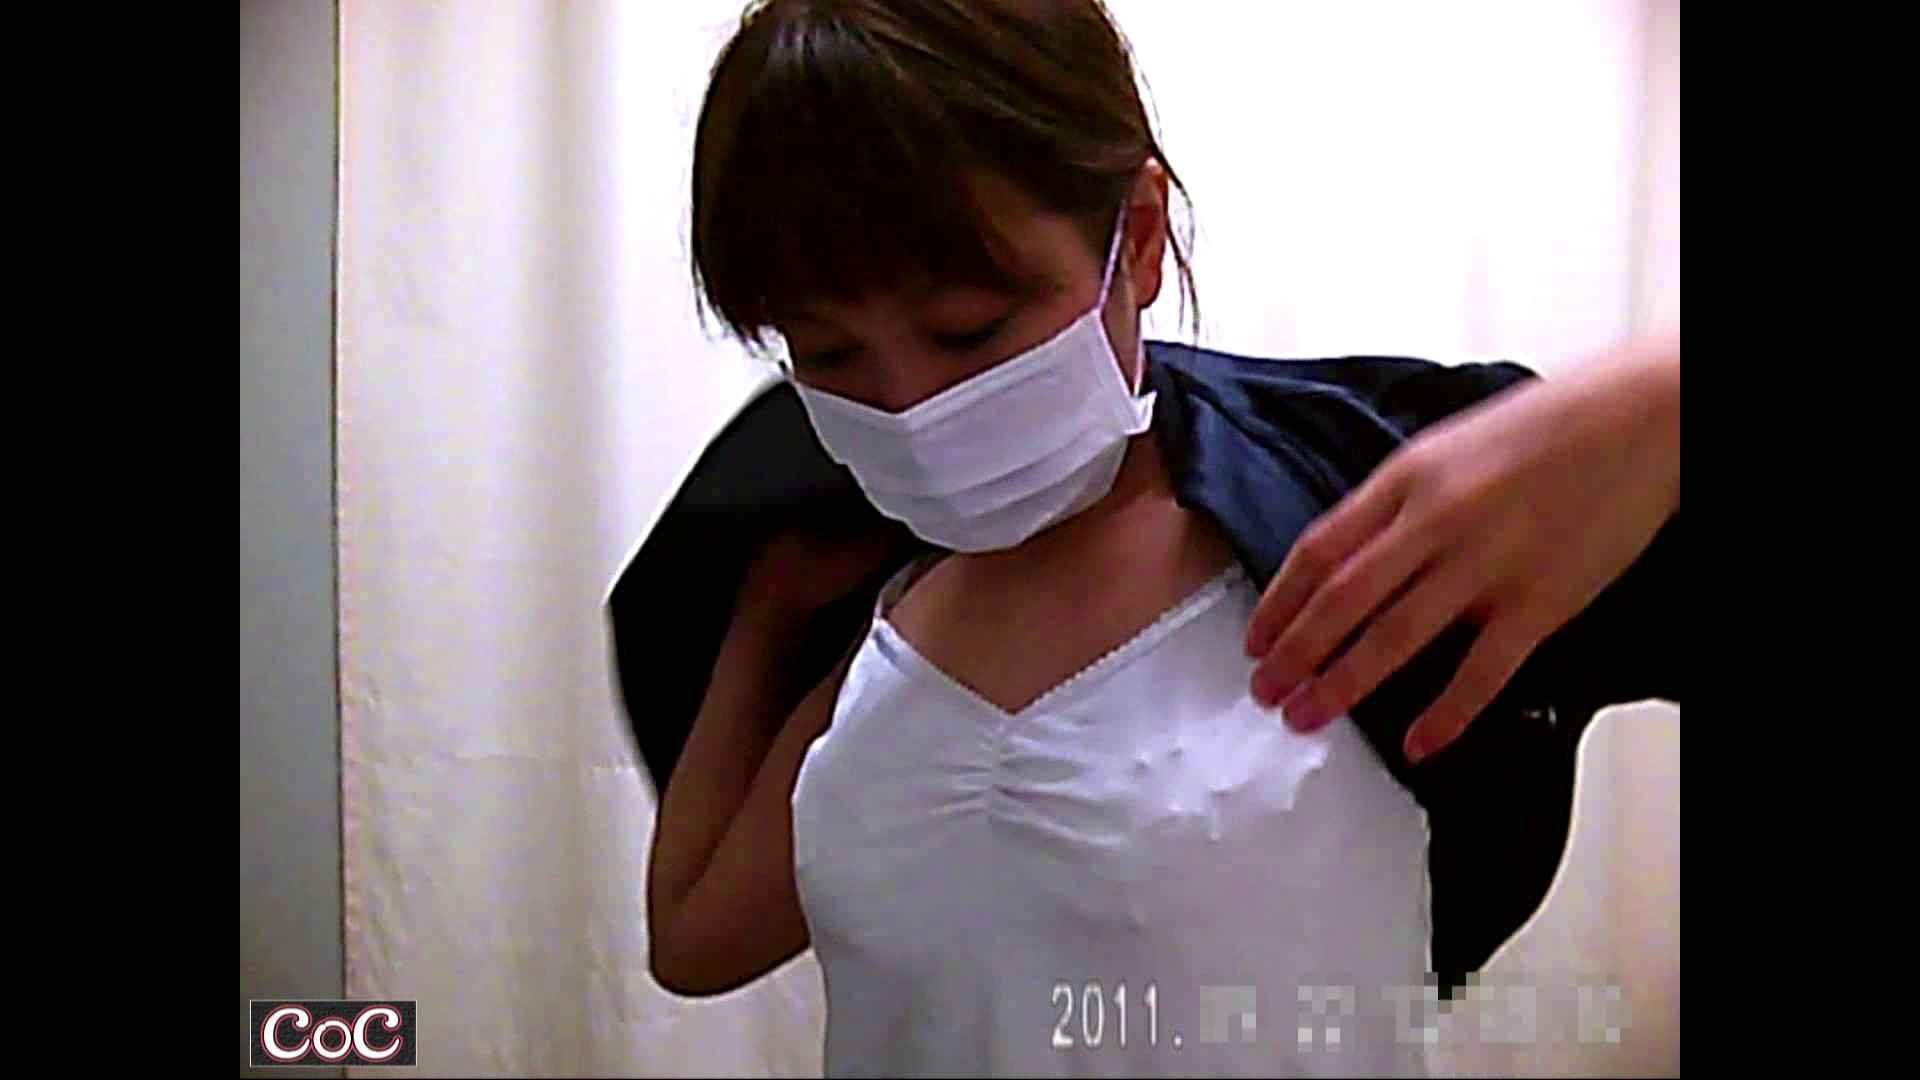 病院おもいっきり着替え! vol.33 貧乳 オメコ動画キャプチャ 89画像 27